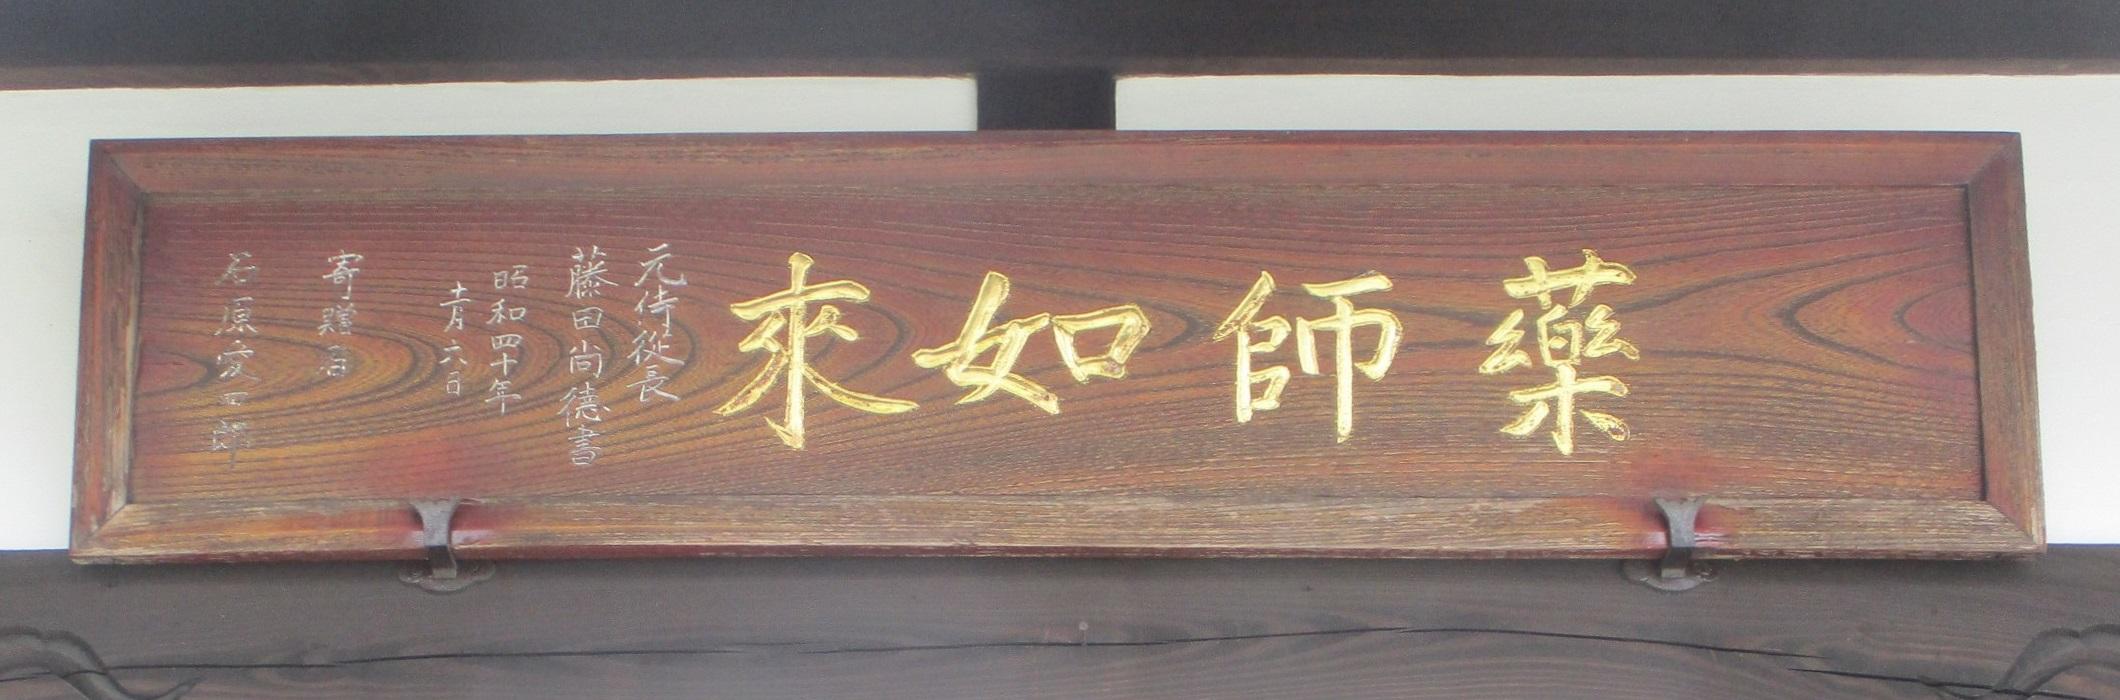 2020.6.27 (8) 薬師堂 - 表札 2120-700